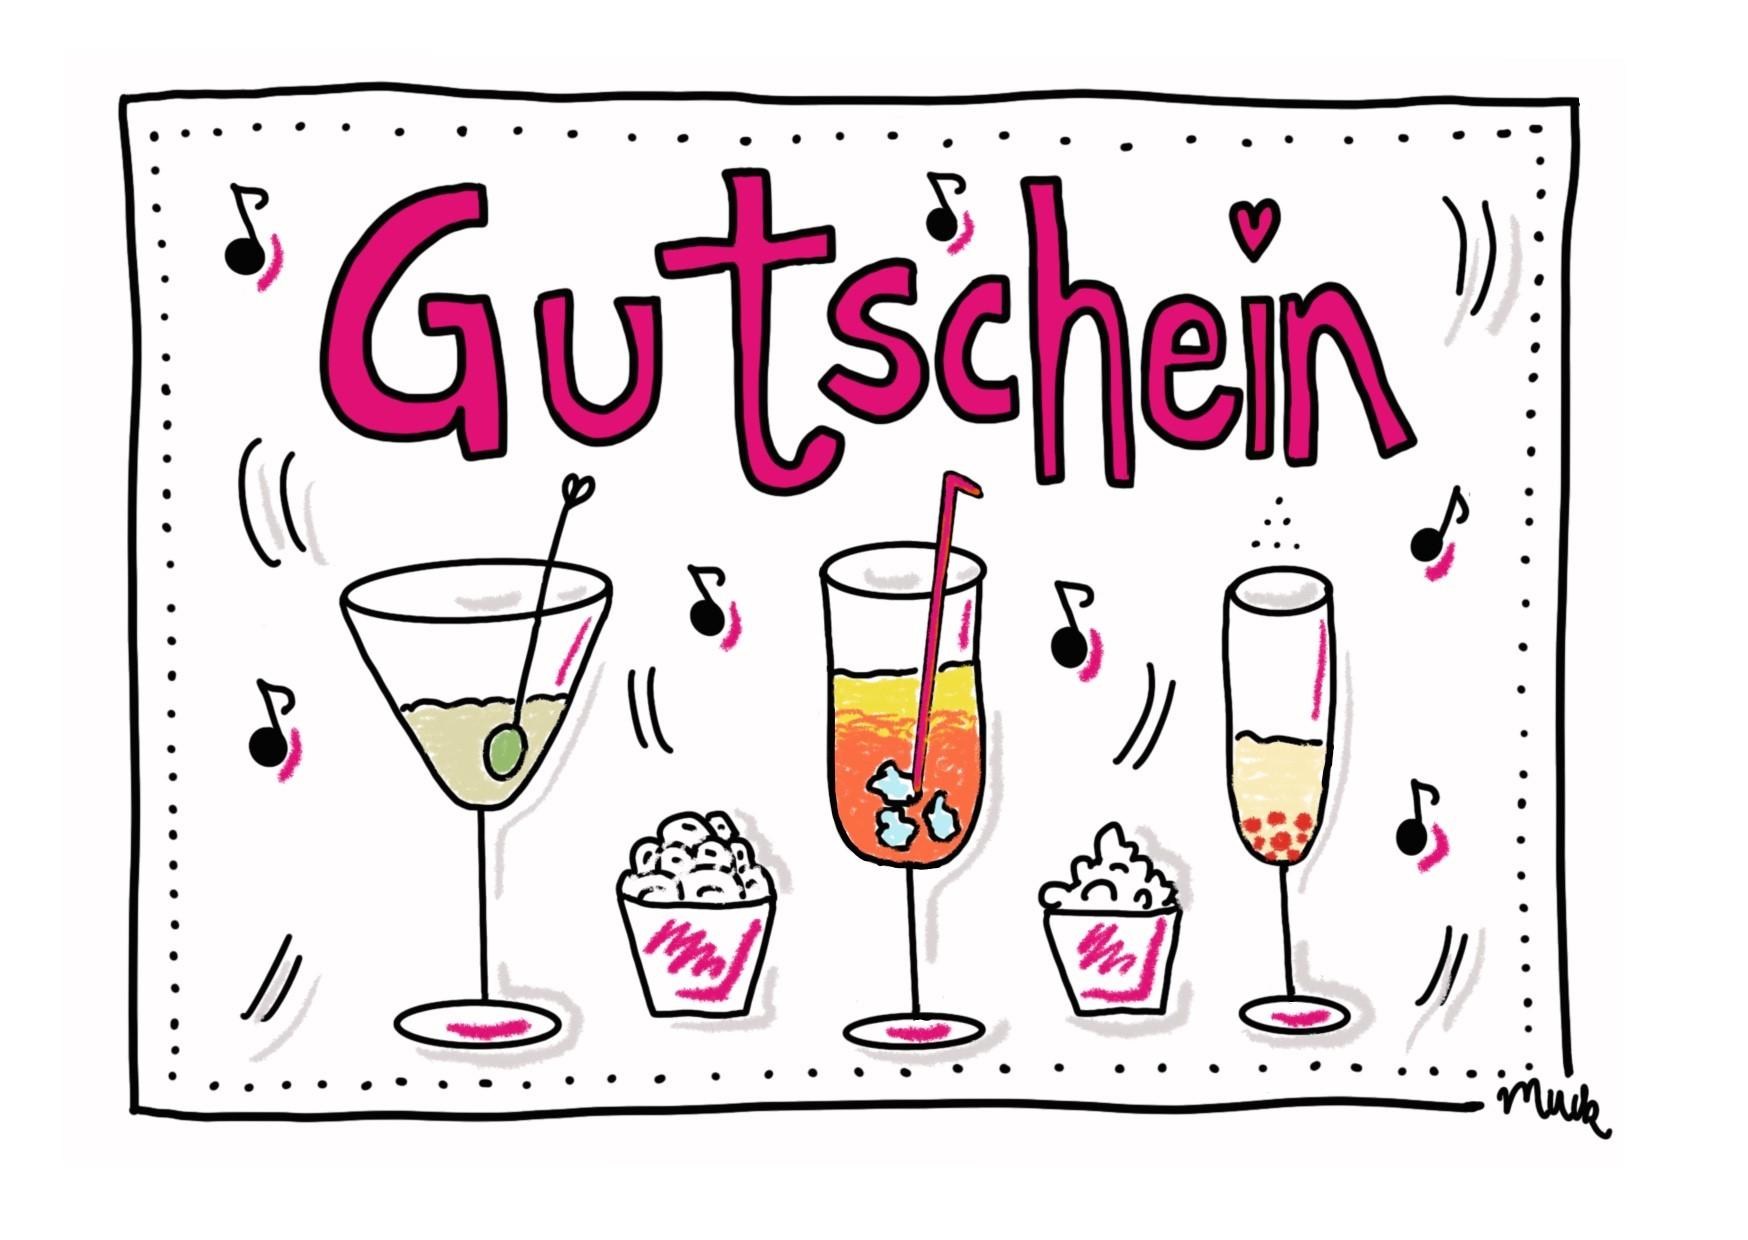 Gutschein - Claudia Weber - Muck's Arts